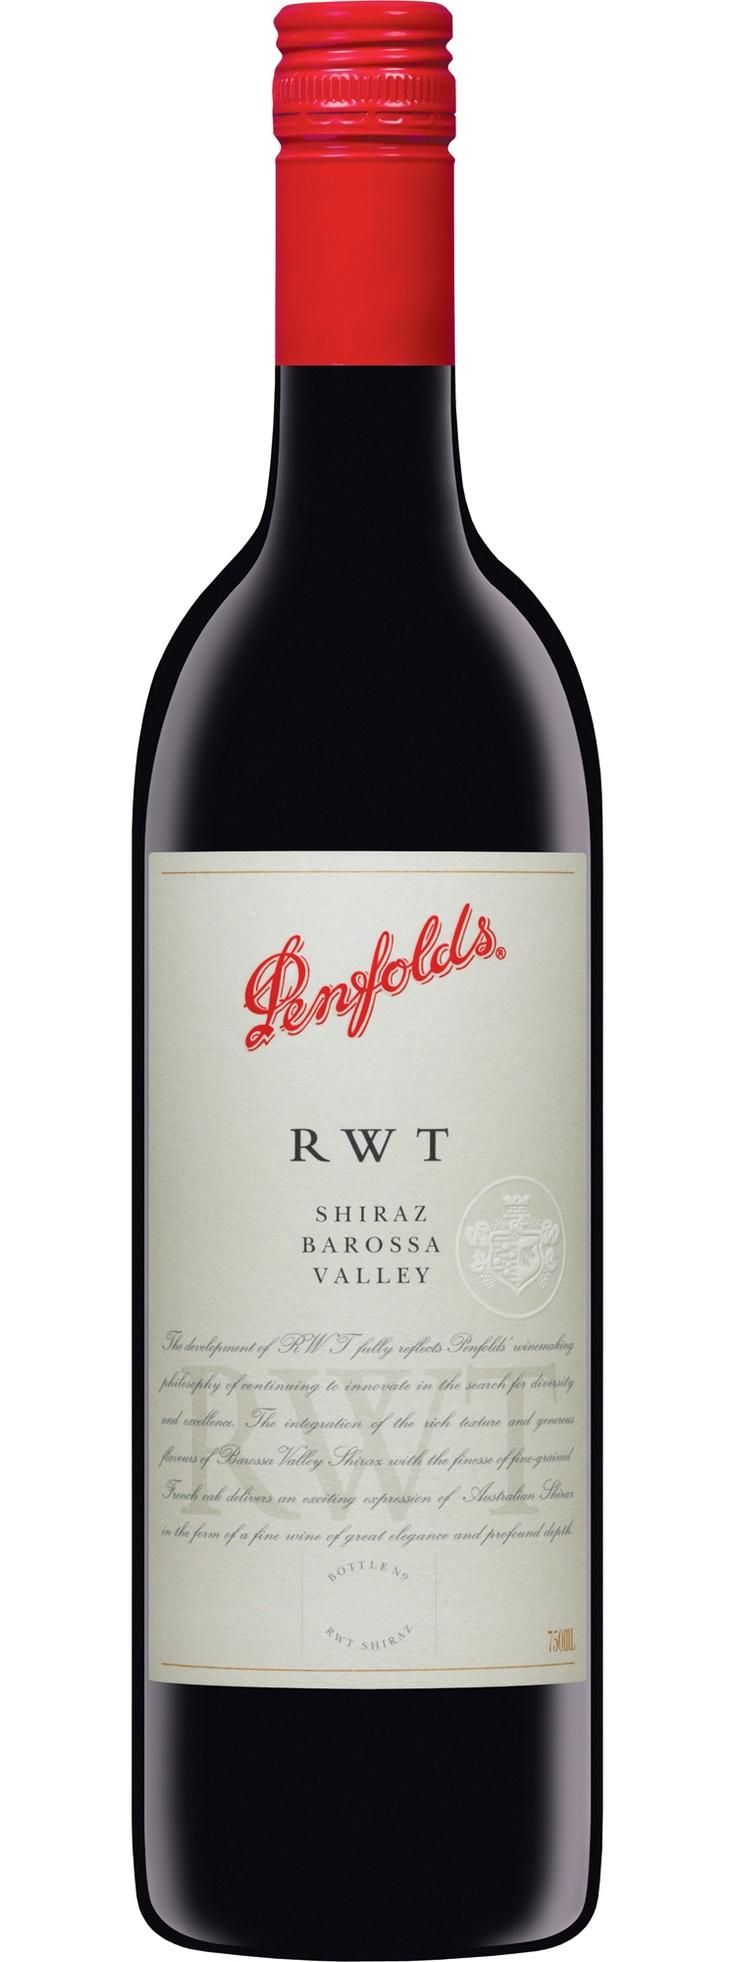 Penfolds RWT Shiraz 2008 | Dan Murphy's | Buy Wine, Champagne, Beer & Spirits Online